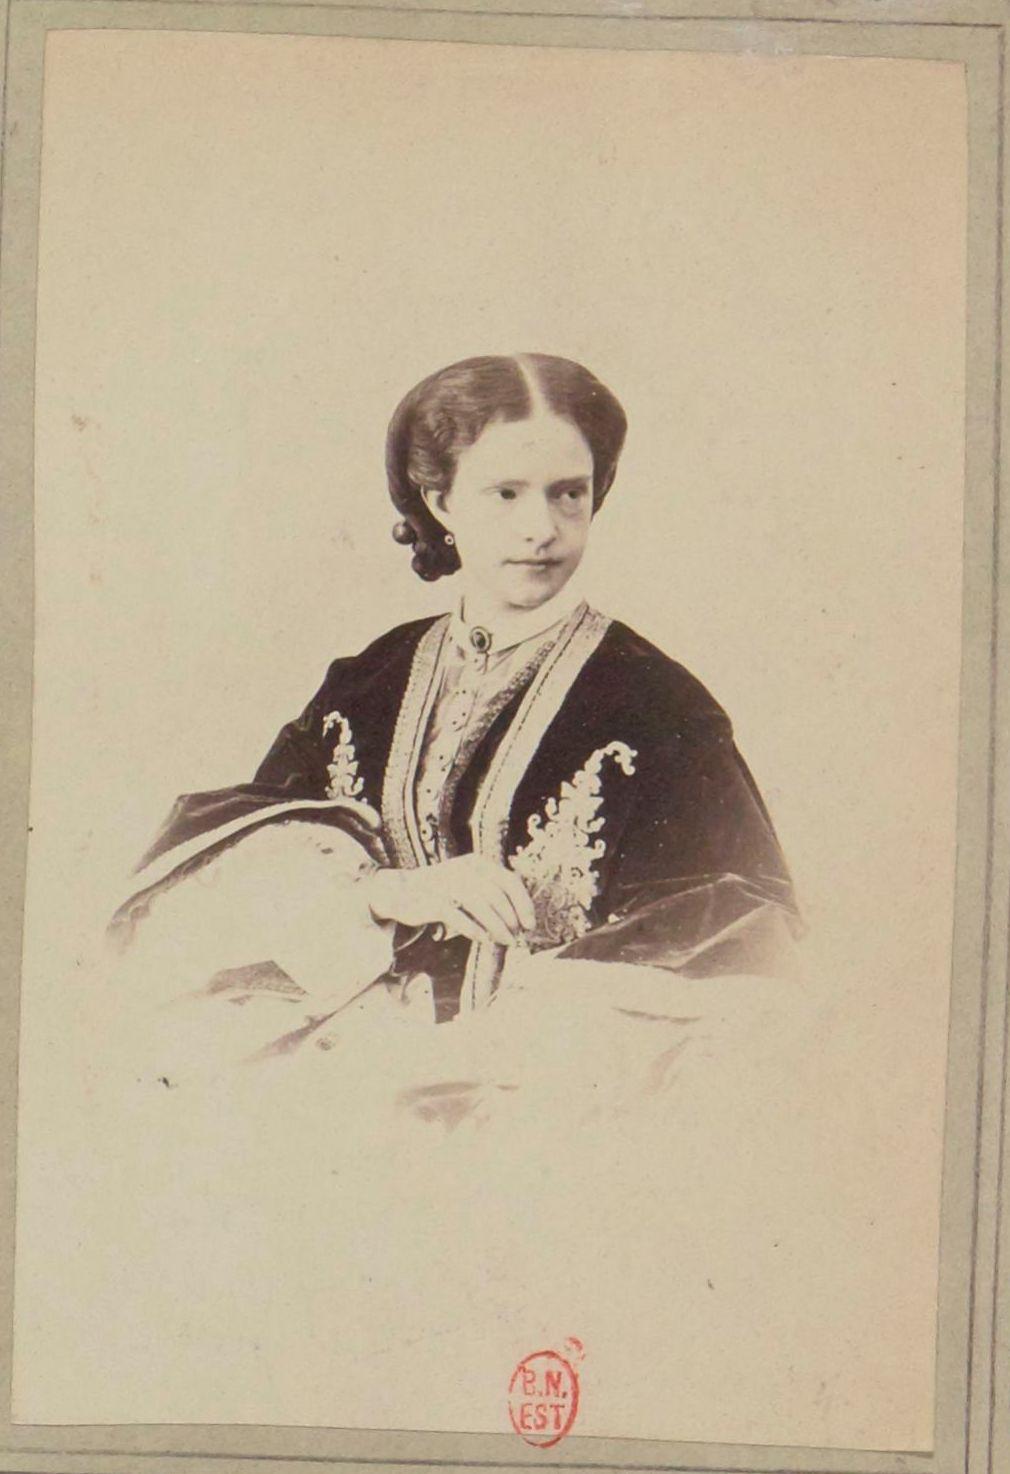 Мария Пиа (17 октября 1847, Турин — 5 июня или 17 июля 1911, Ступиниджи) — итальянская принцесса, после замужества королева-консорт Португалии